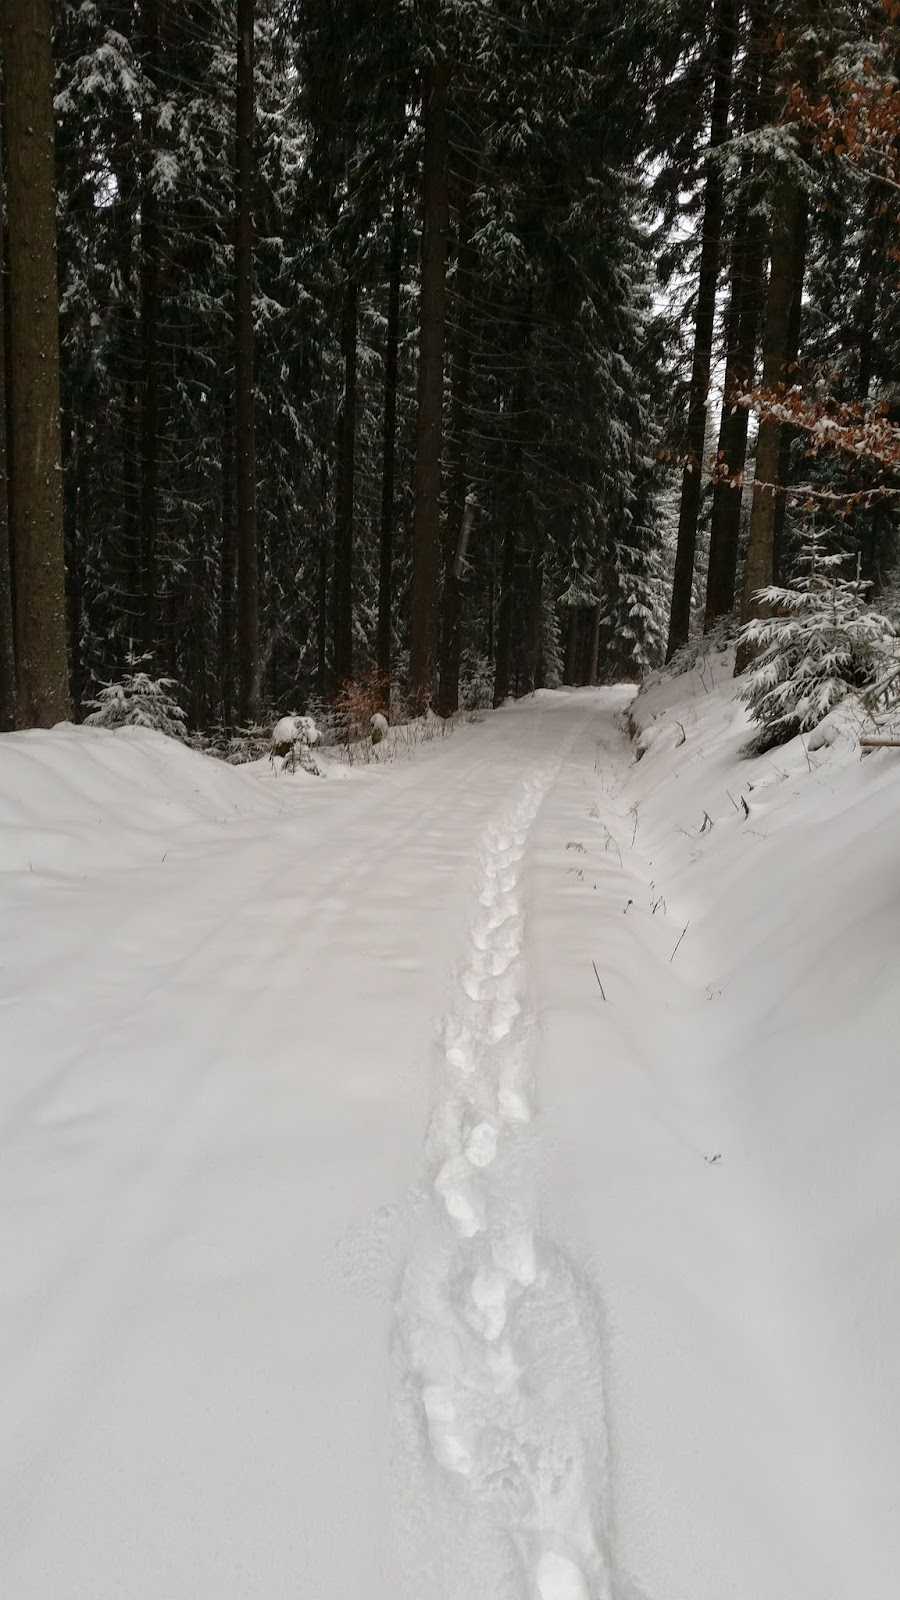 Laufen im tiefen Schnee